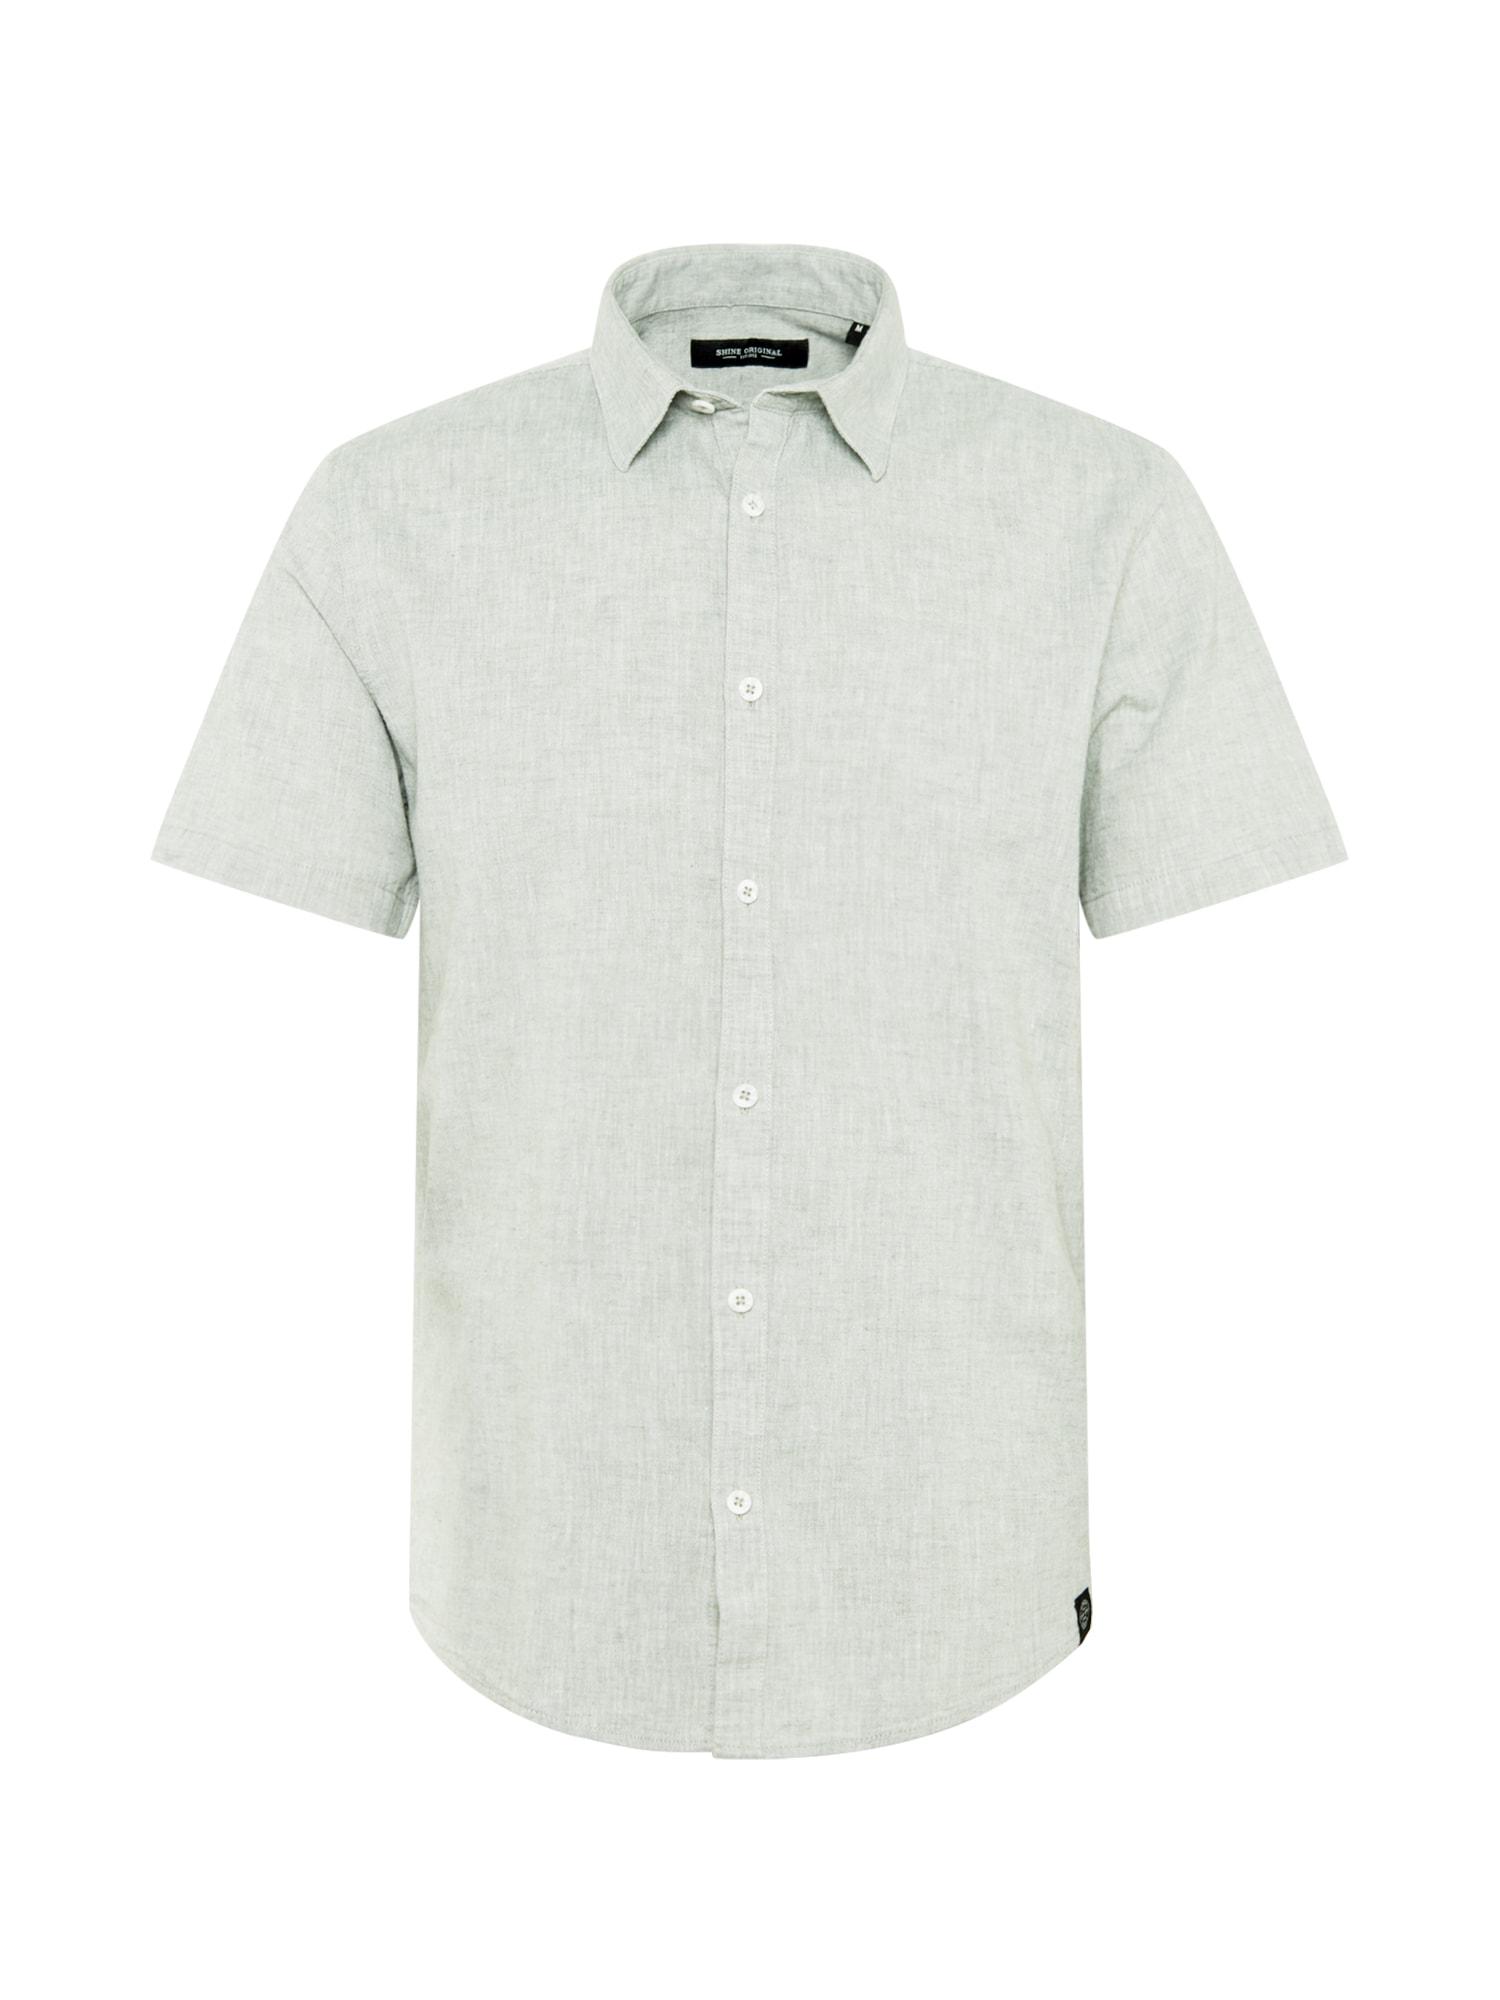 SHINE ORIGINAL Marškiniai pastelinė žalia